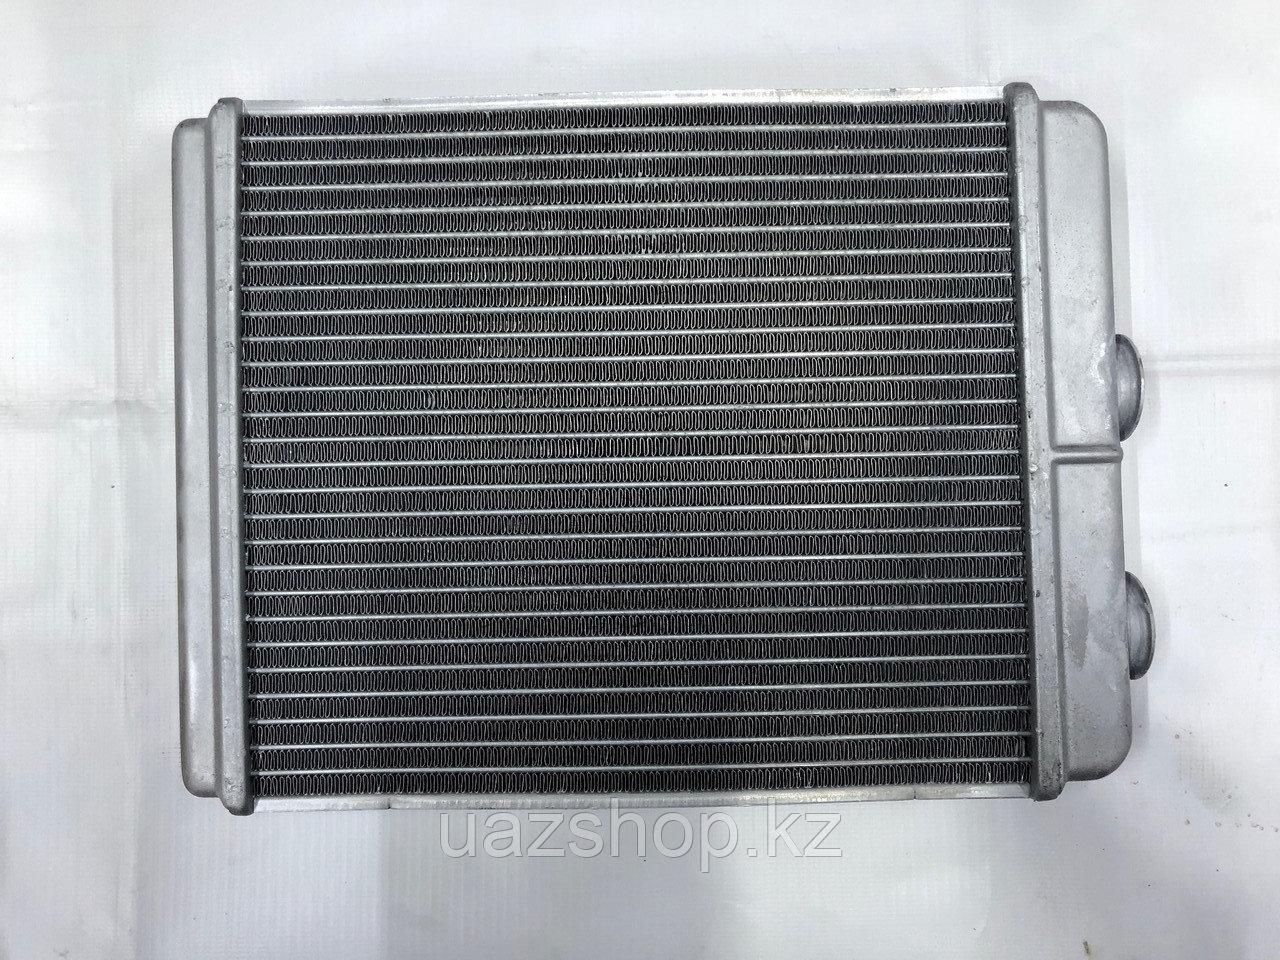 Радиатор отопителя DELPHI